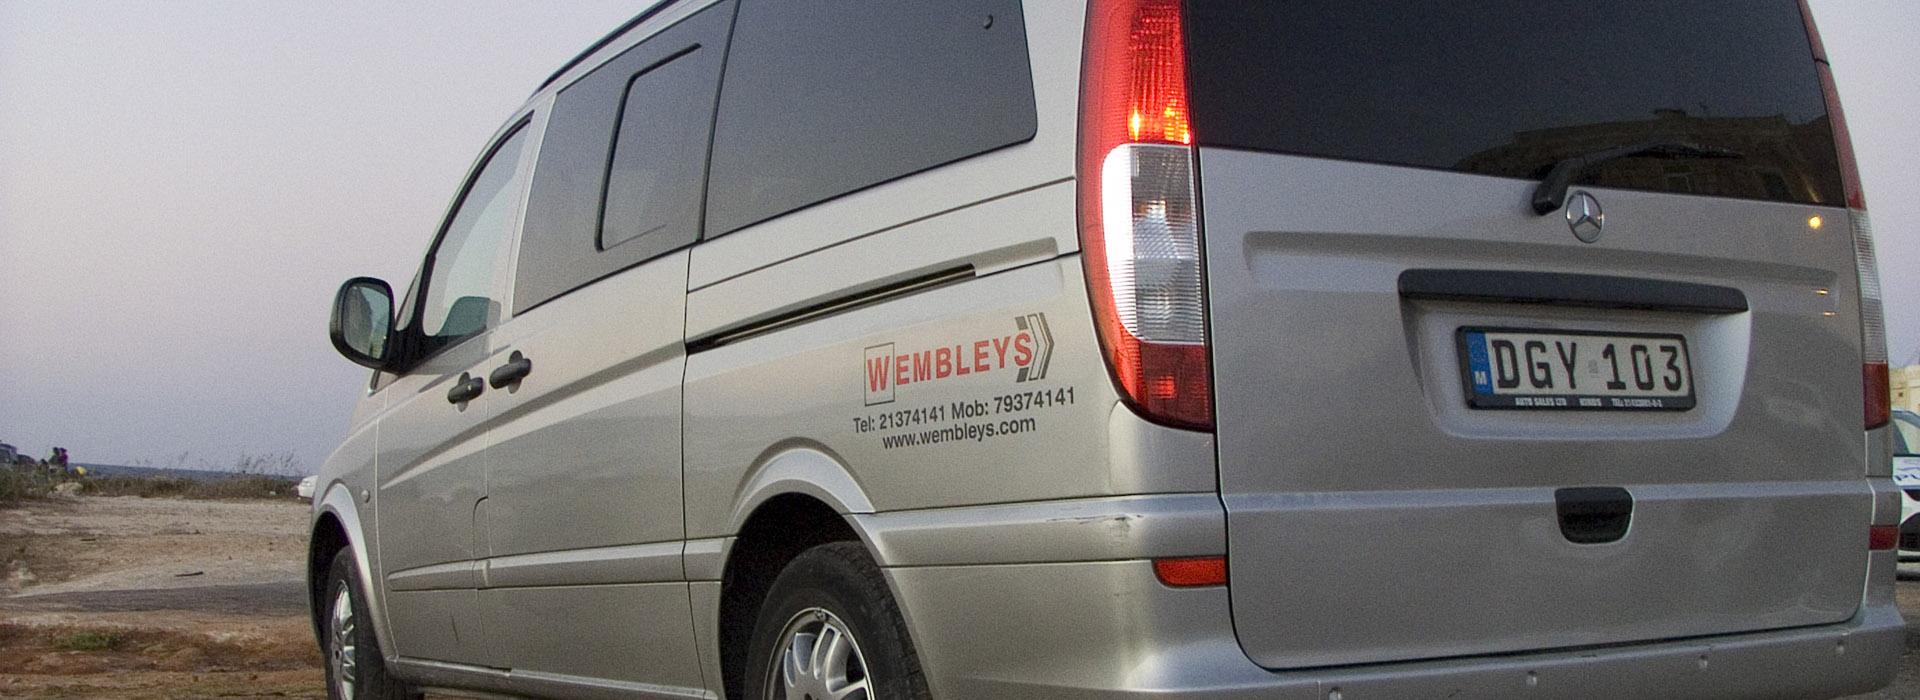 wembley-motors-minivan-service-malta-banner